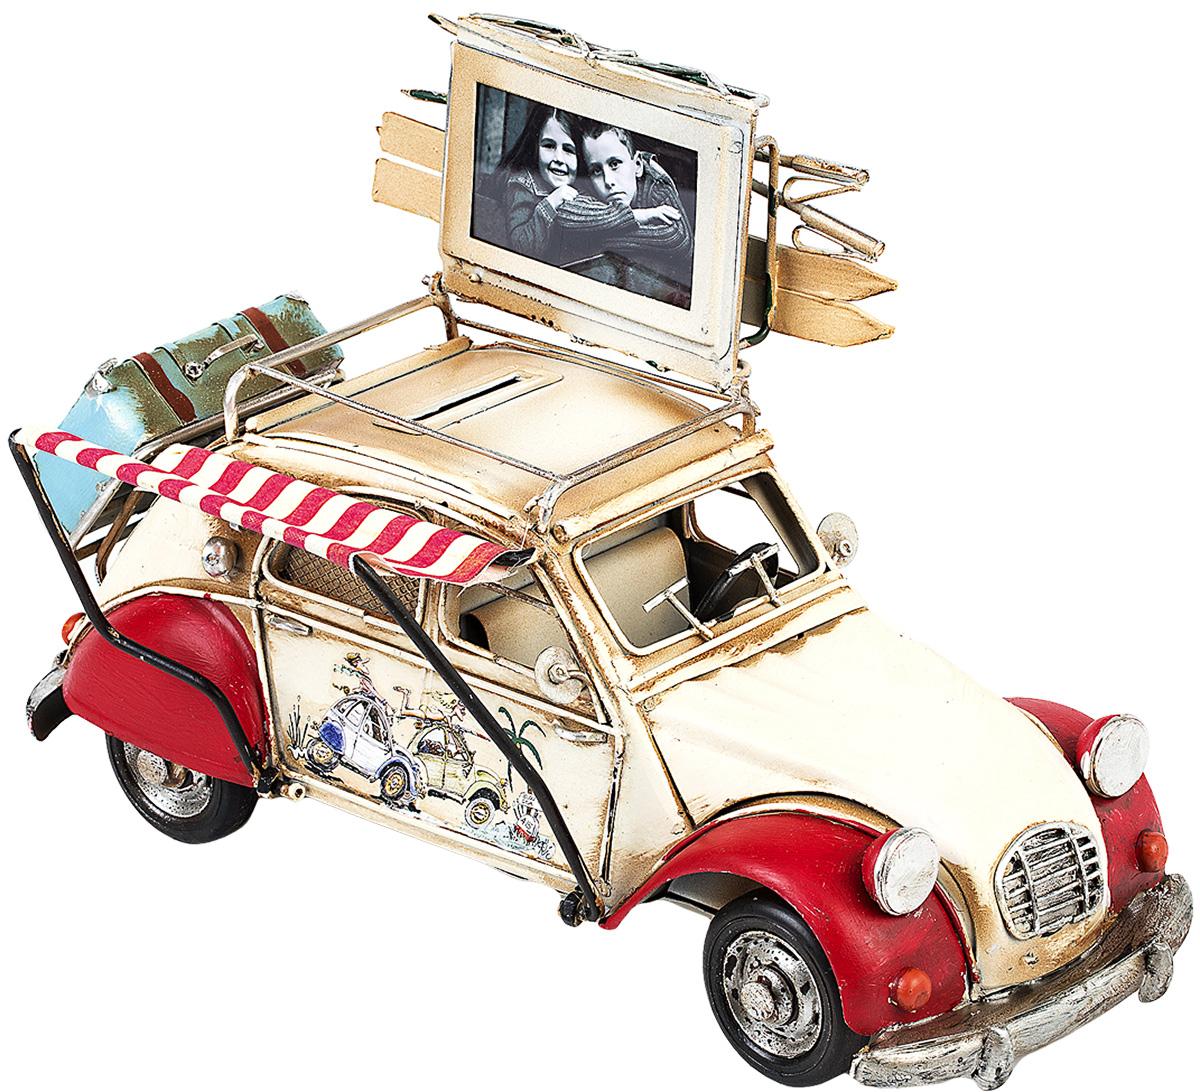 Модель Platinum Автомобиль, с фоторамкой и копилкой. 1404E-43401404E-4340Модель Platinum Автомобиль, выполненная из металла, станет оригинальным украшением интерьера. Вы можете поставить модель ретро-автомобиля в любом месте, где она будет удачно смотреться.Изделие дополнено копилкой и фоторамкой, куда вы можете вставить вашу любимую фотографию.Качество исполнения, точные детали и оригинальный дизайн выделяют эту модель среди ряда подобных. Модель займет достойное место в вашей коллекции, а также приятно удивит получателя в качестве стильного сувенира.